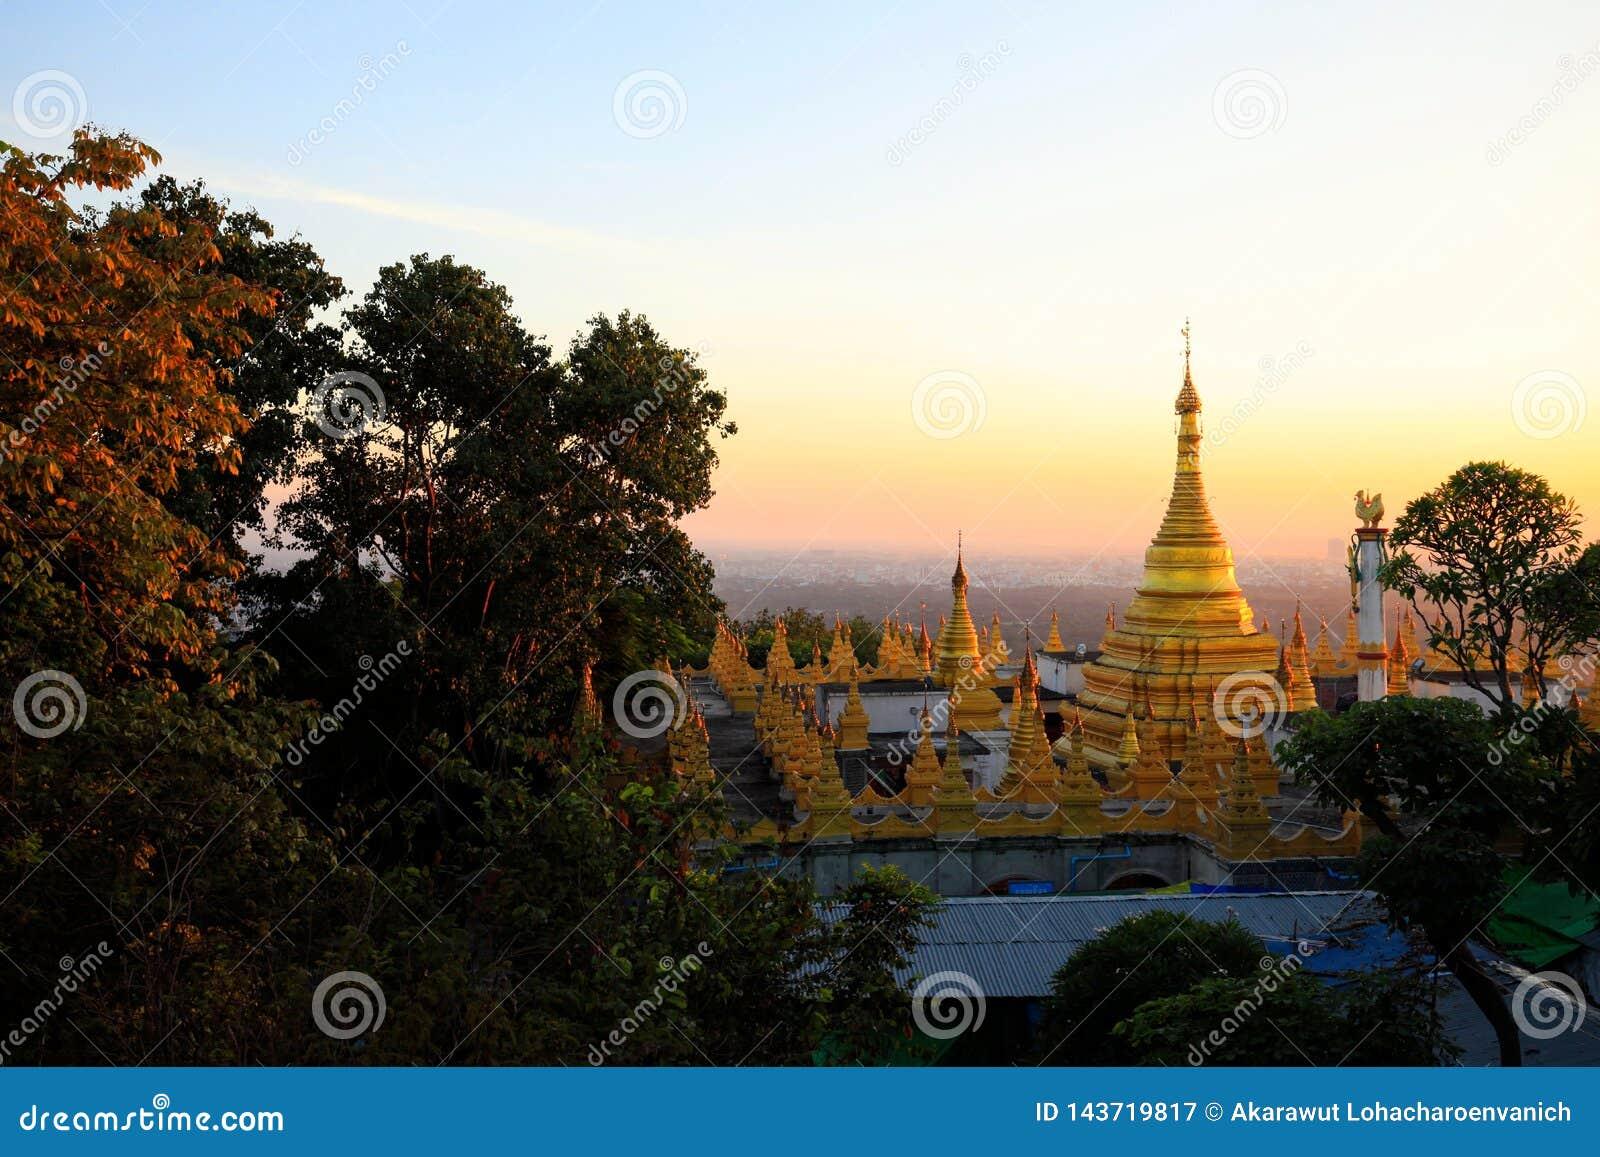 Die goldene Pagode am Mandalay-Hügelstandpunkt während des Sonnenuntergangs